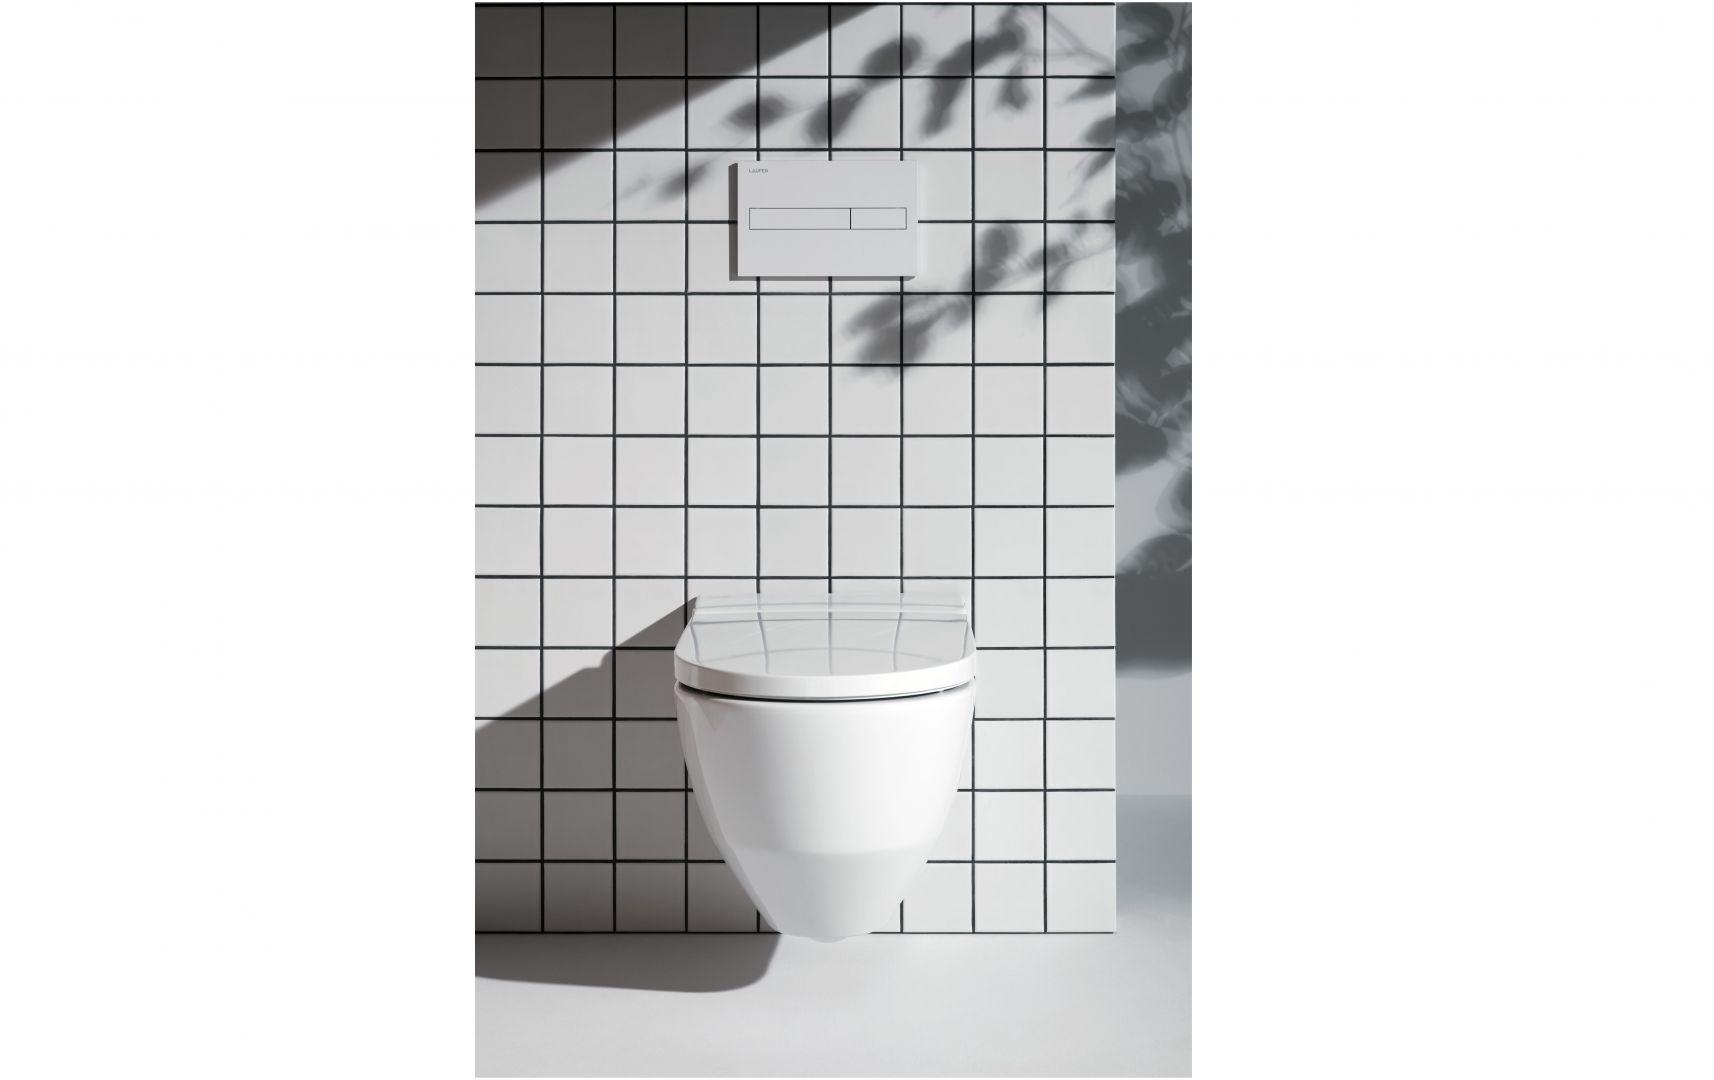 Toaleta myjąca Navia oferuje 7 regulowanych poziomów siły i pozycji strumienia natrysku oraz temperatury wody; bezkołnierzowa miska w.c. z higieniczną powłoką LCC. Fot. Laufen